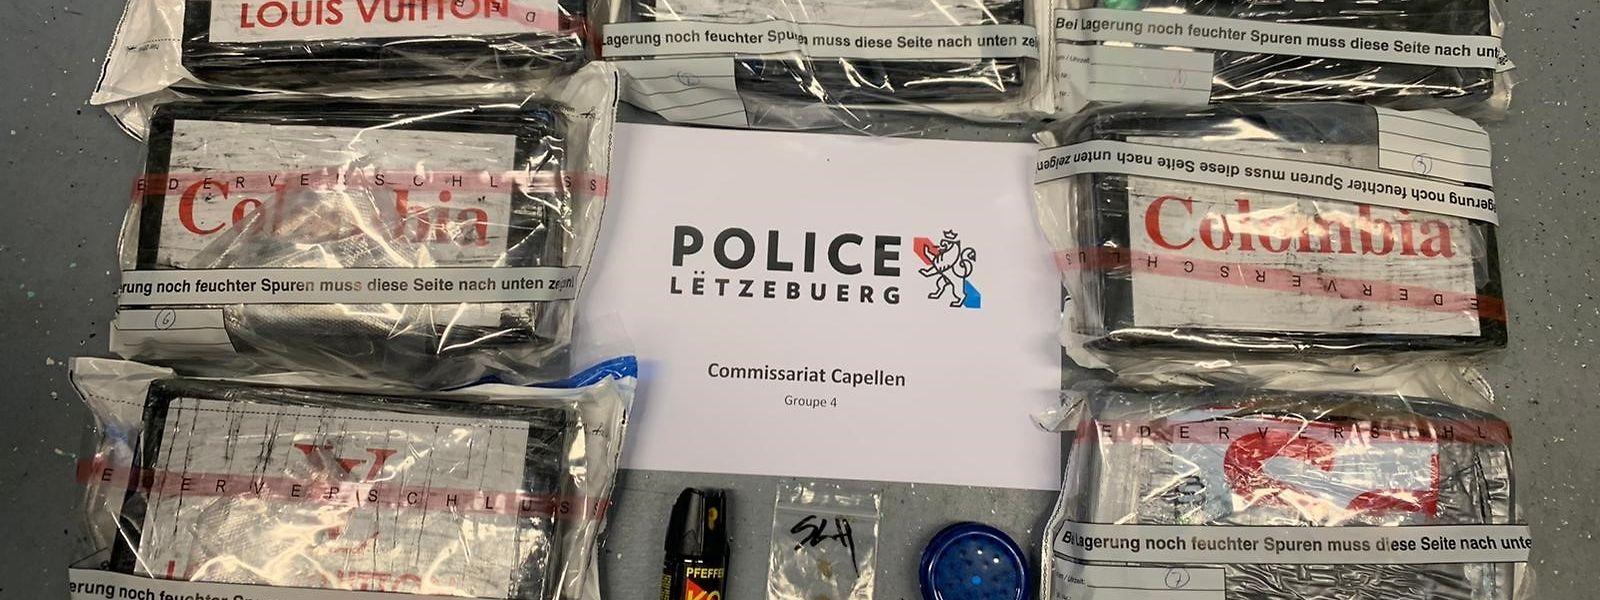 Die Drogen haben einen Marktwert von 596.000 Euro.